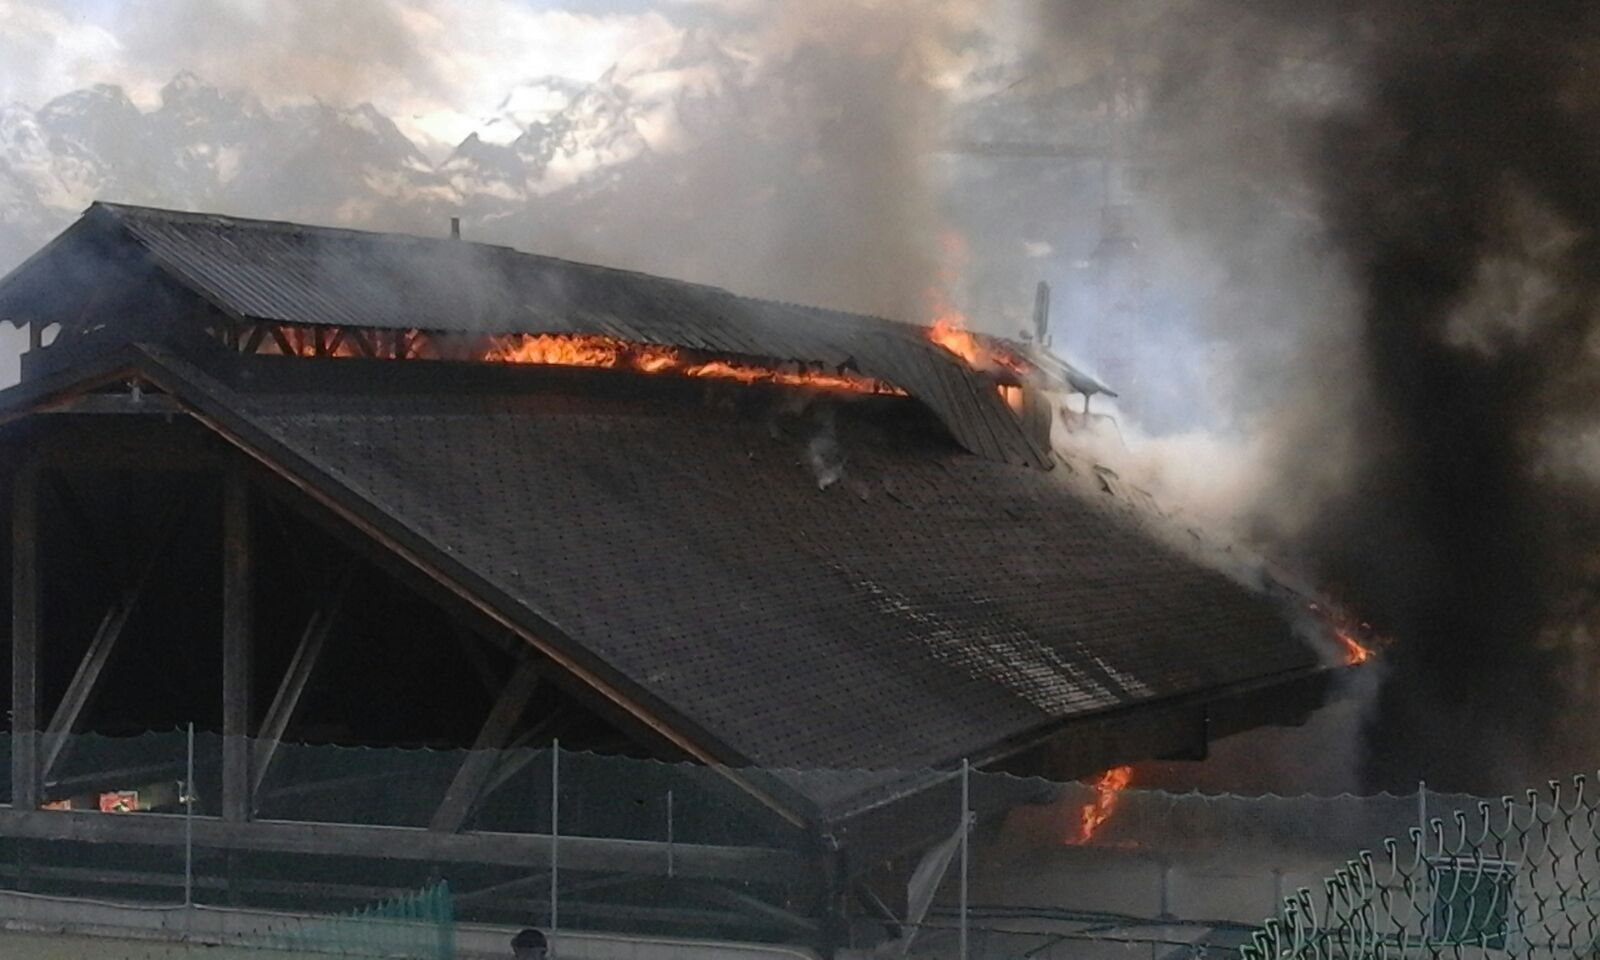 patinoire en flammes